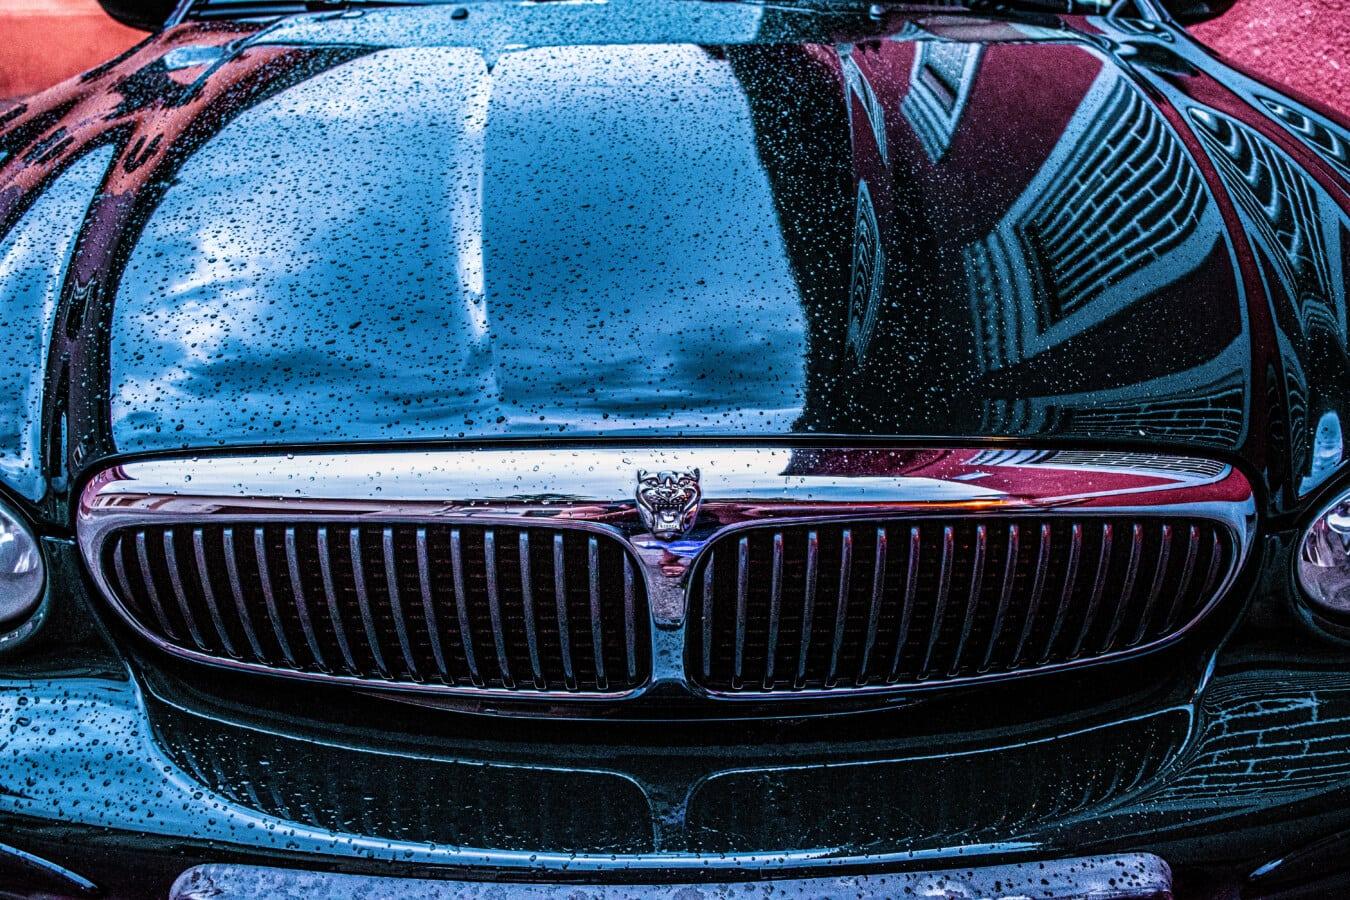 Auto, Jaguar, nass, Regen, Chrom, Stoßstange, Scheinwerfer, Zeichen, Symbol, metallische